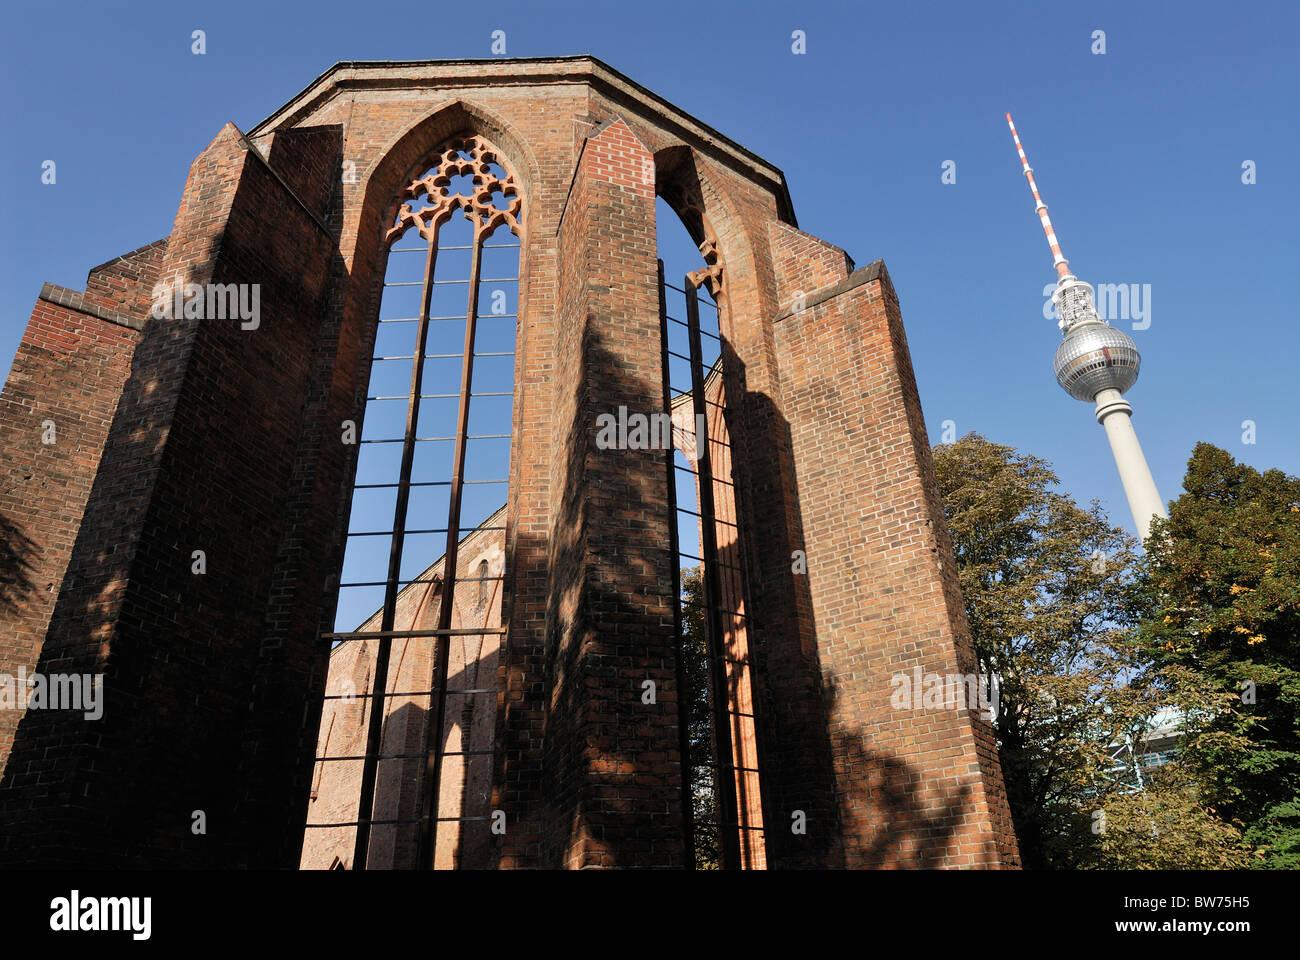 Berlin. Germany. Franziskaner Klosterkirche and Fernsehturm TV tower. - Stock Image